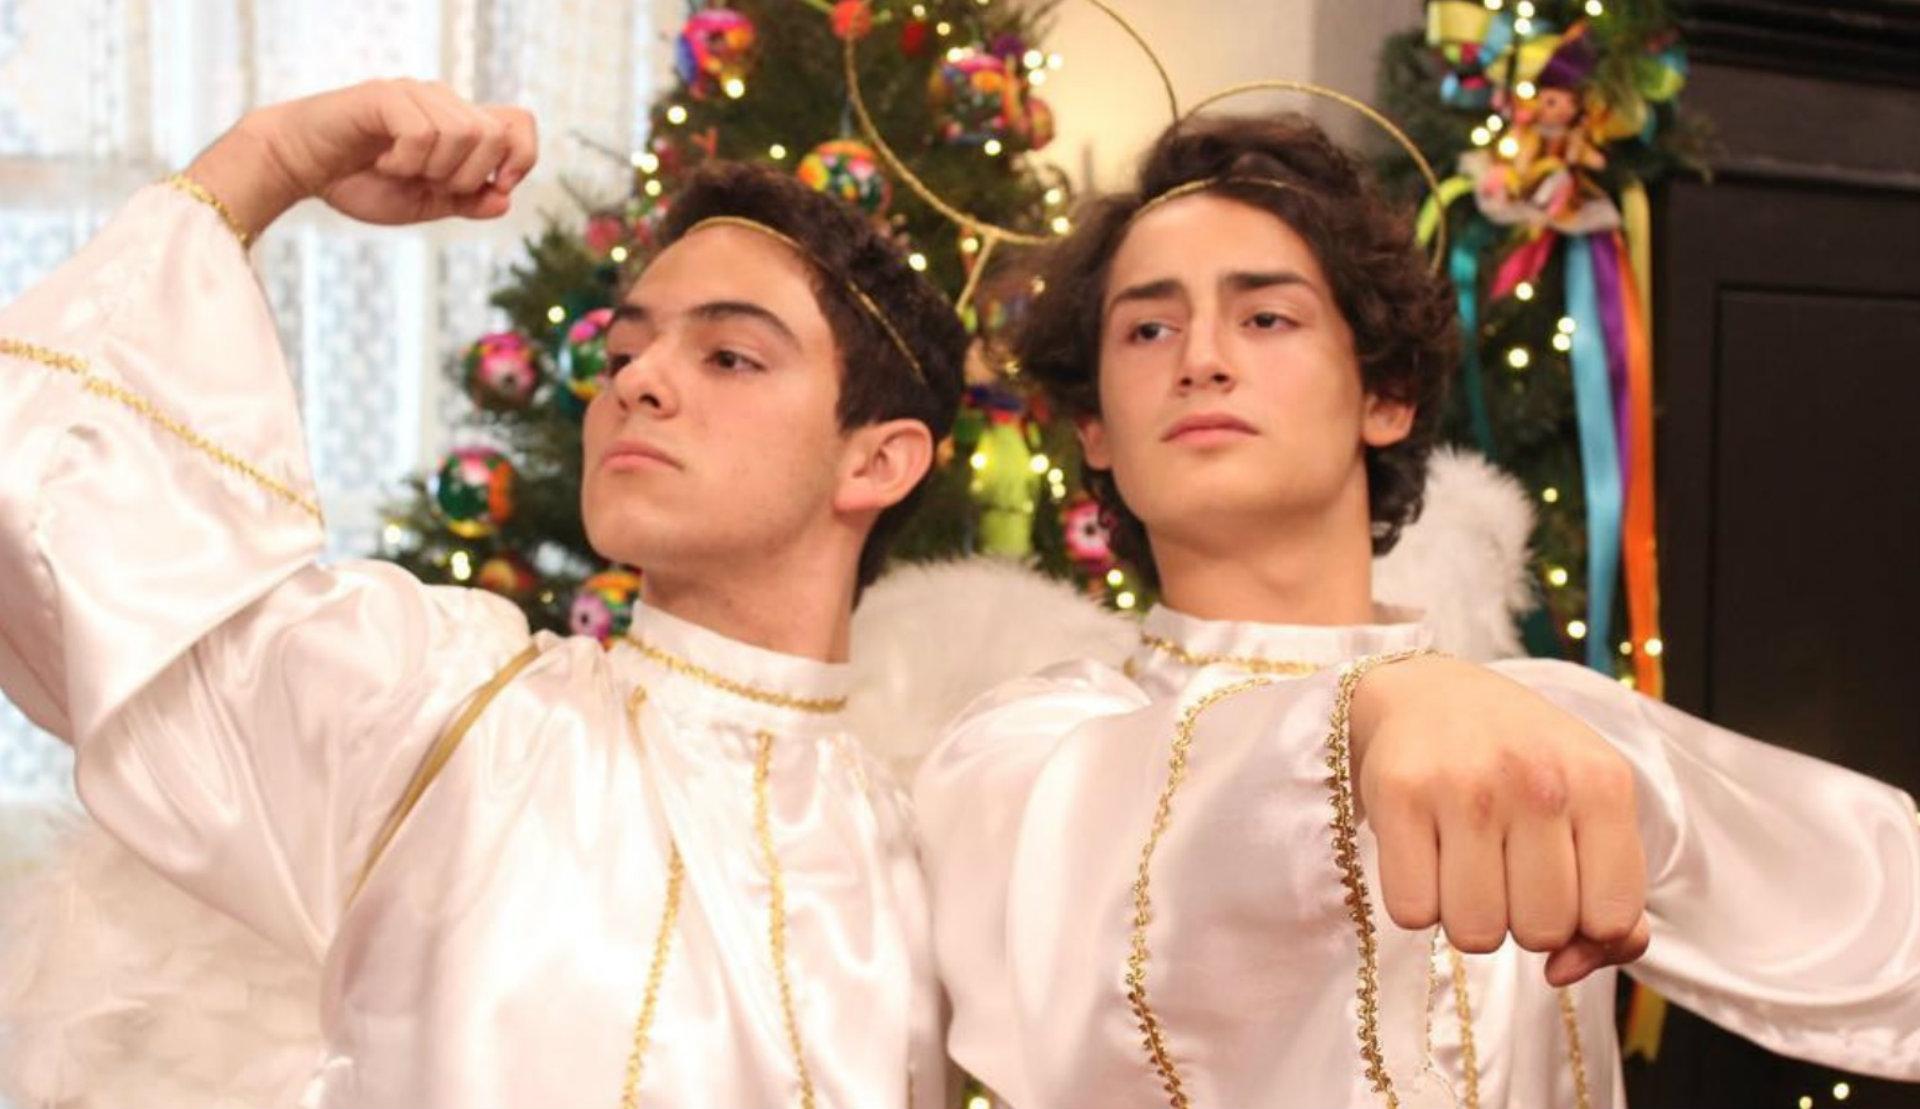 Joaquín Bondoni y Emilio Osorio interpretan a ArisTemo (Instagram/mimaridofamof)